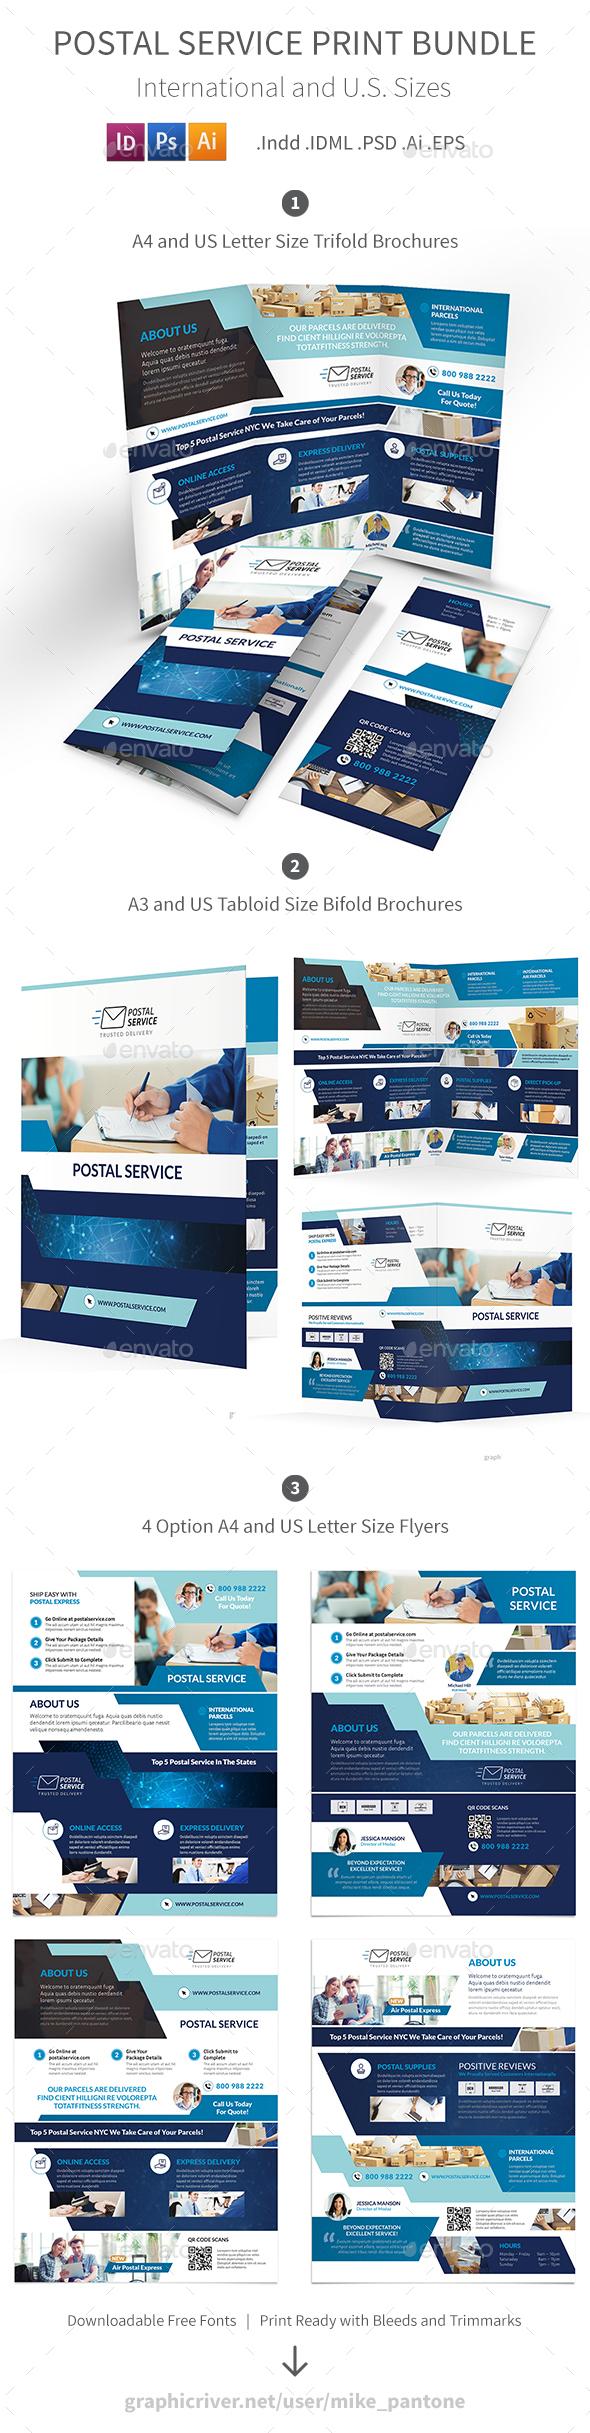 Postal Service Print Bundle - Informational Brochures